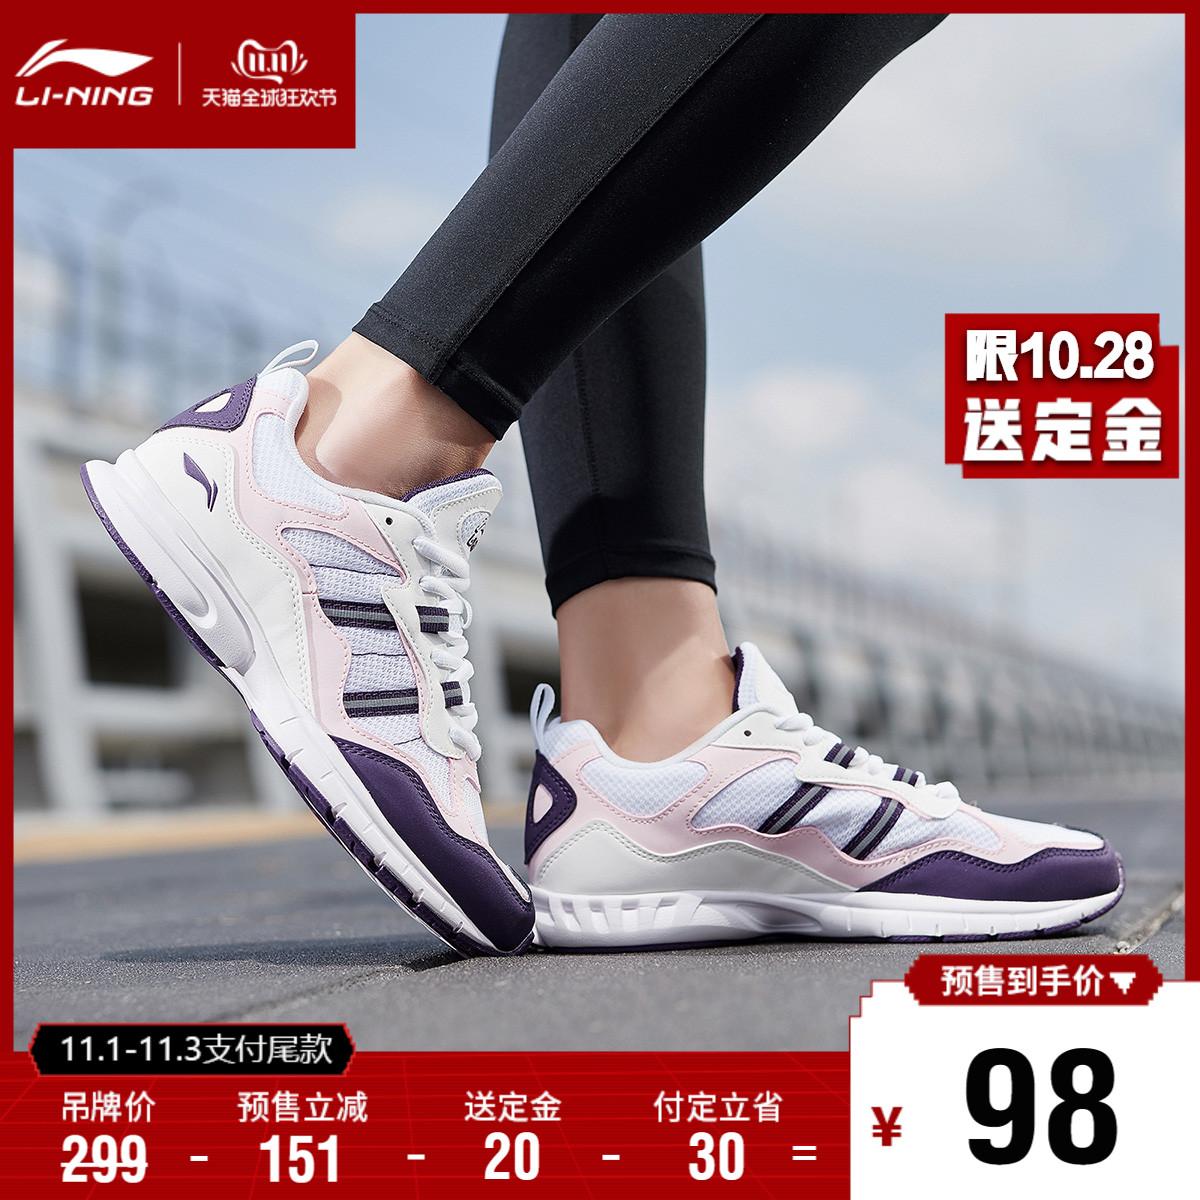 双11预售李宁跑步鞋女鞋新款官方正品减震跑鞋轻便减震软底运动鞋